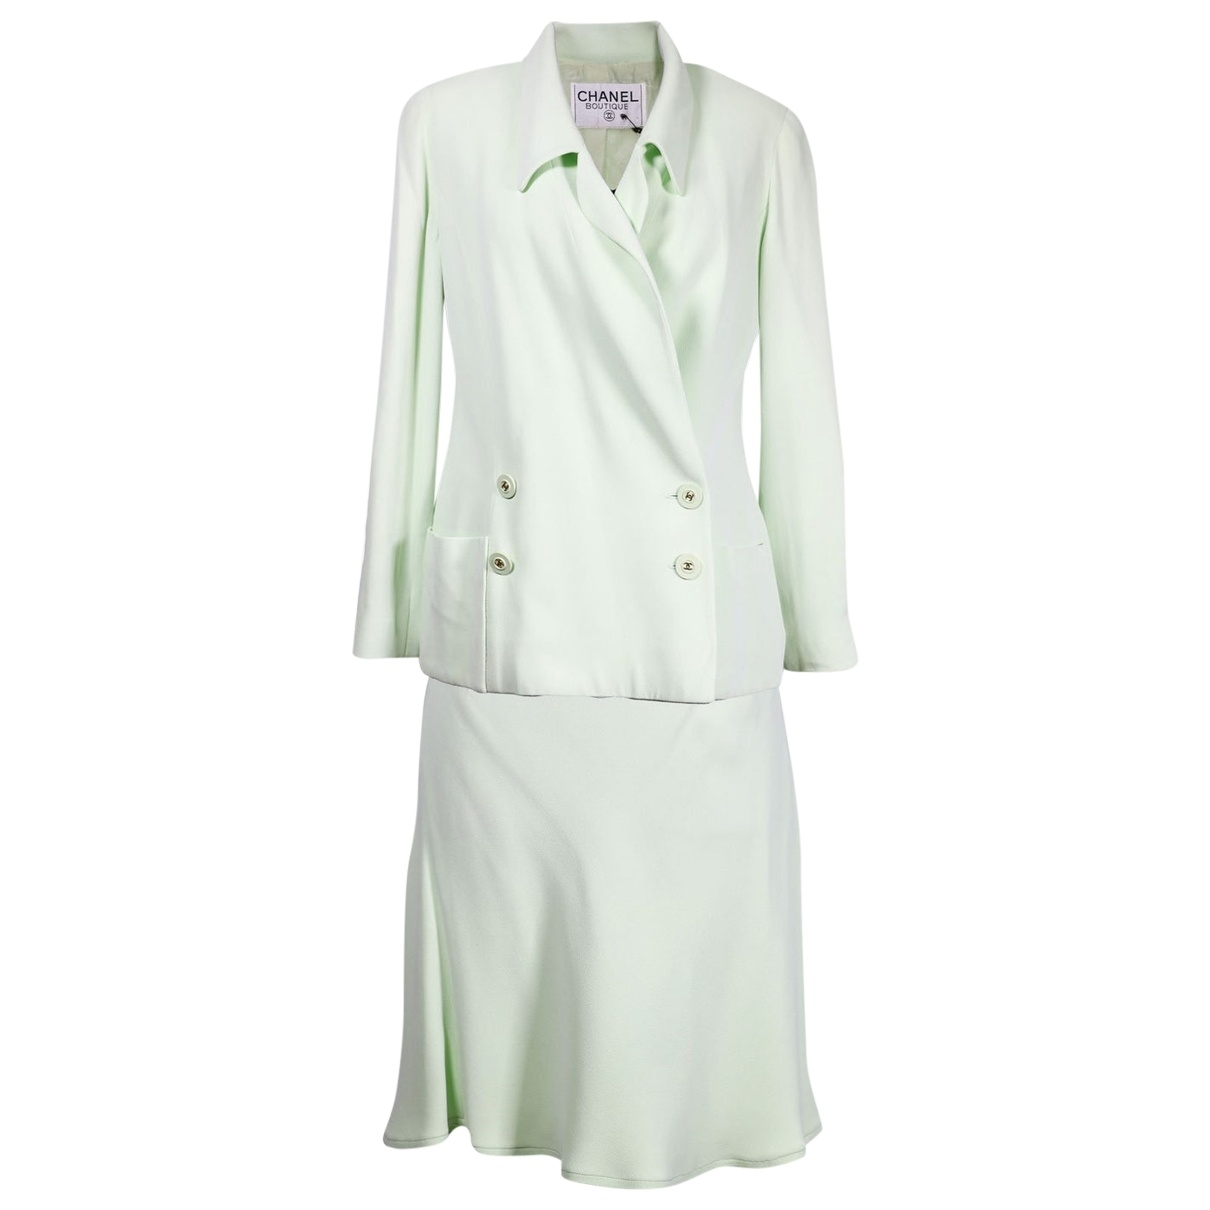 Chanel \N Kleid in  Gruen Baumwolle